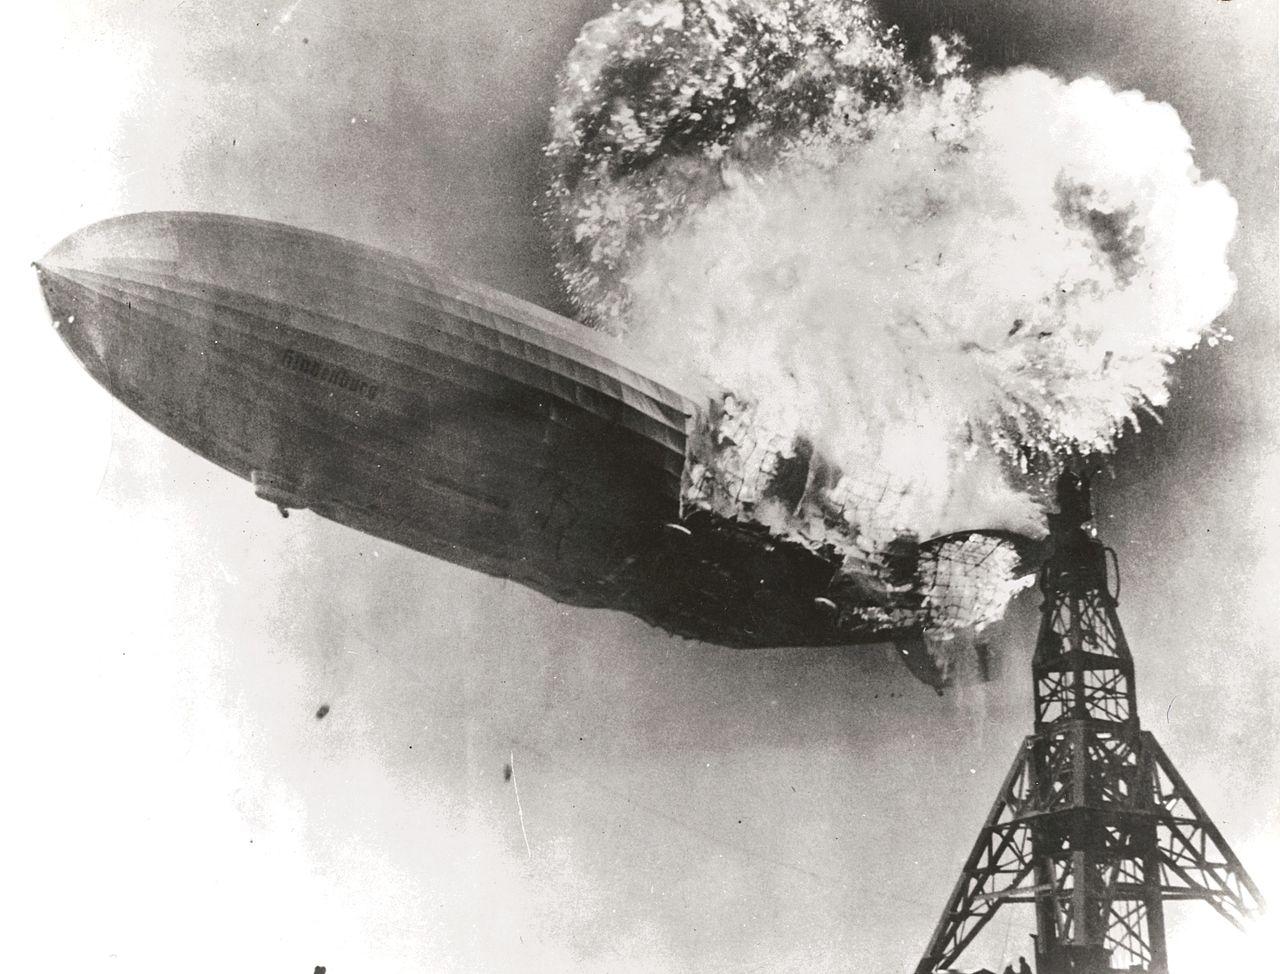 Symbolem hořlavosti vodíku se stala havárie vzducholodi Hindenburg v roce 1937.